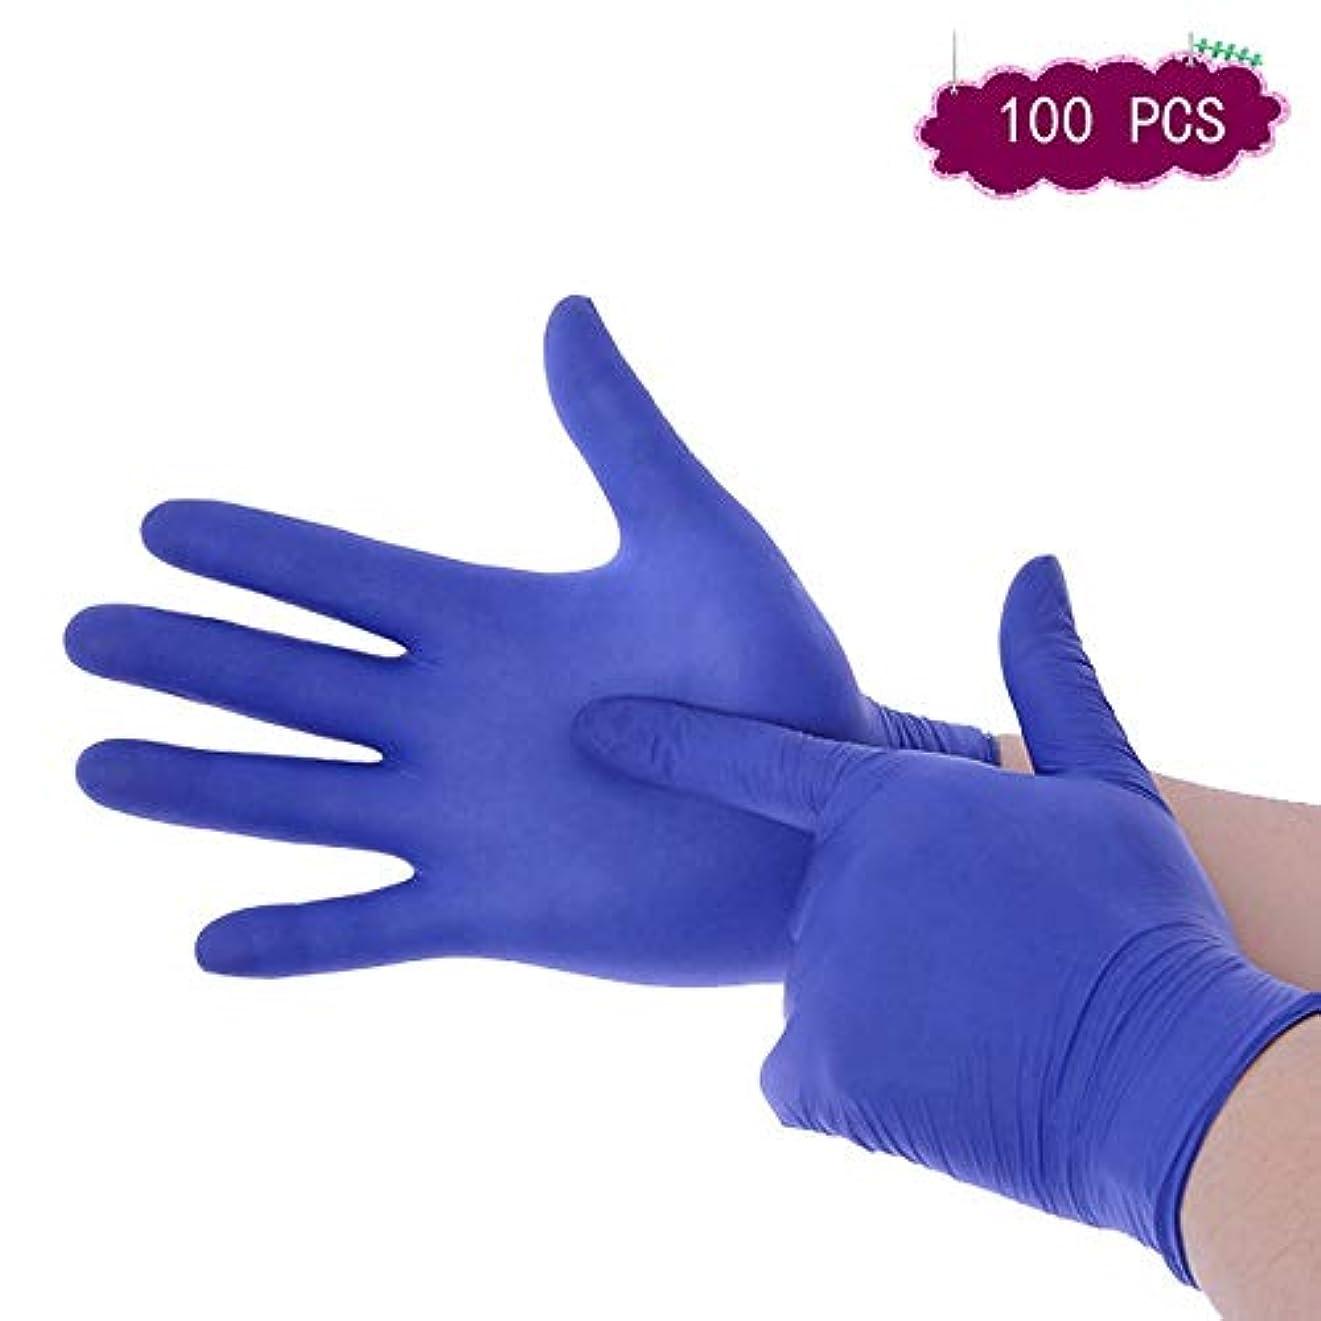 空白サスティーン悩み使い捨てラテックス手袋は何の粉9インチメディカルグレードの肥厚産業紫色の抗油面をニトリルないアンチ油 (Color : 9 inch, Size : M)